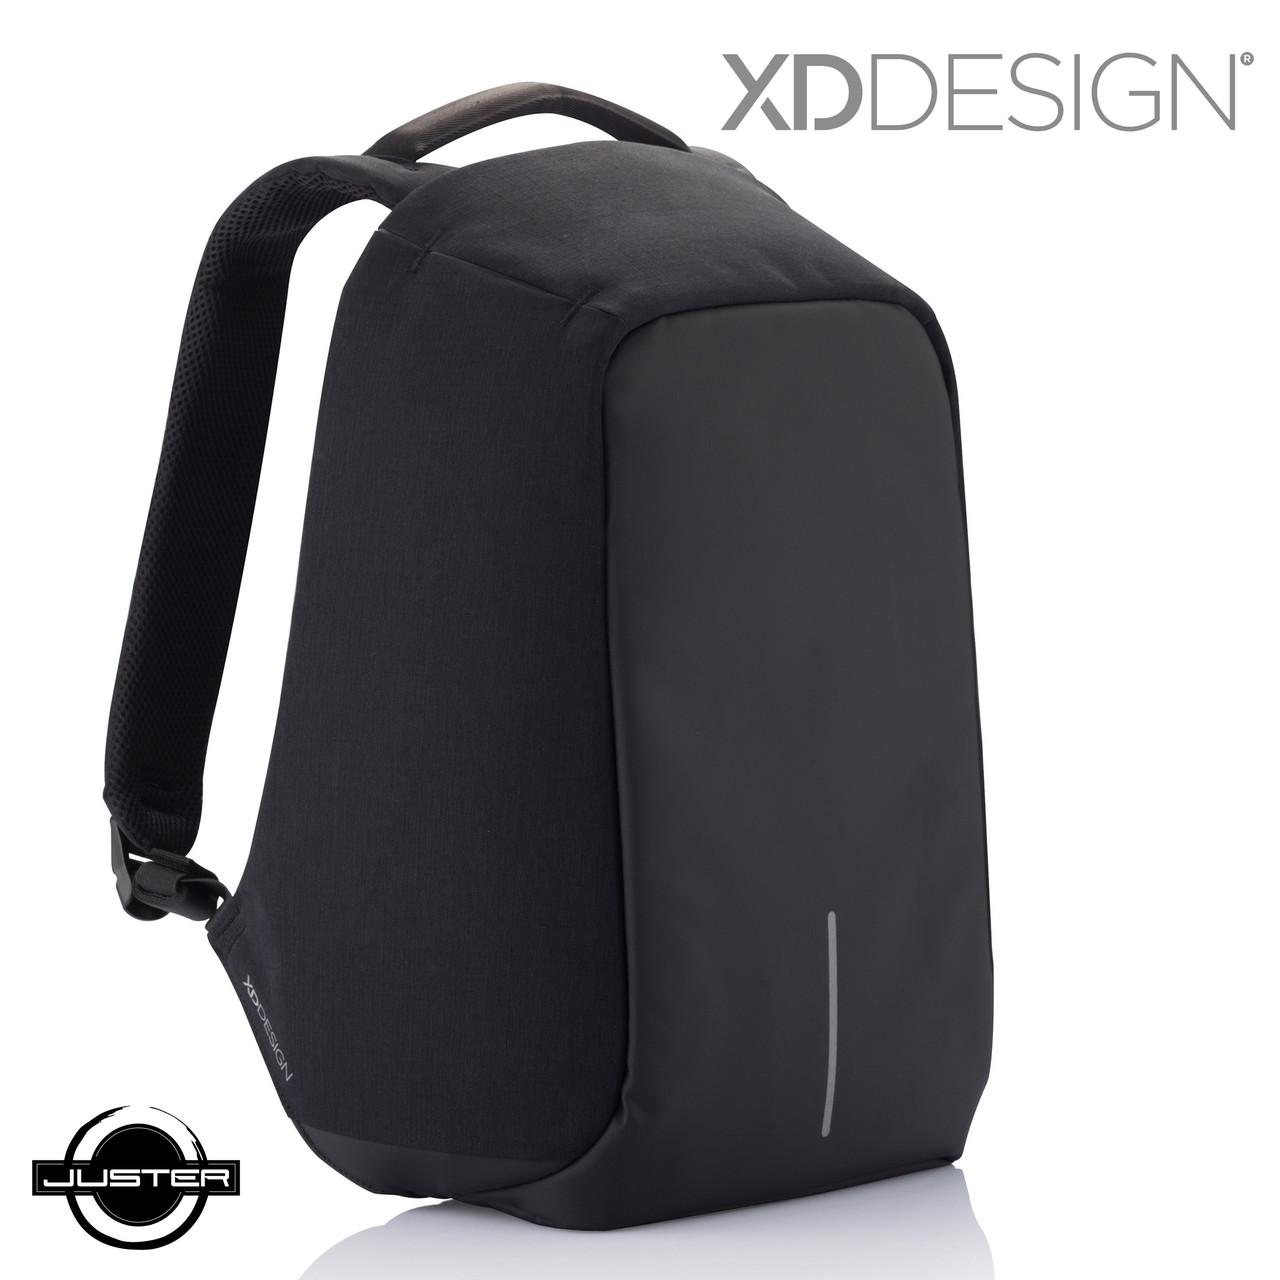 Городской рюкзак xd design bobby антивор для ноутбука 15.6 (P705.541) черный